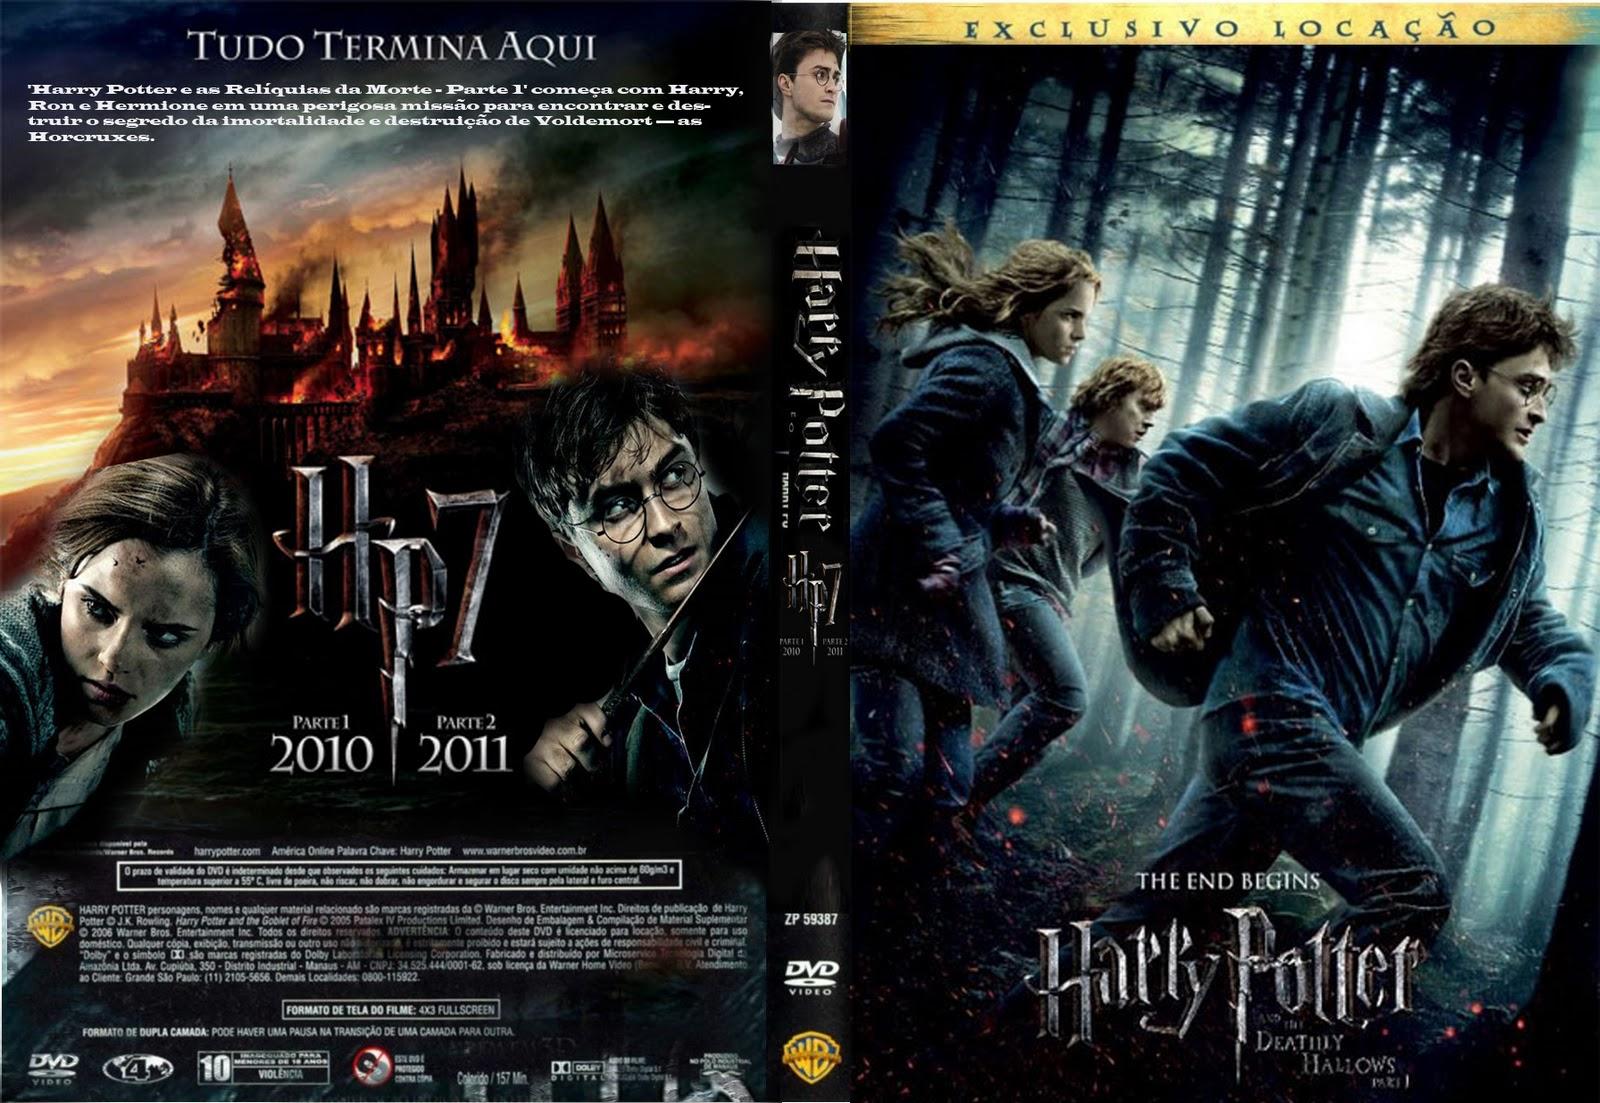 http://4.bp.blogspot.com/-Nsmp0_FNPmQ/TbF-23p-dQI/AAAAAAAAAZY/xE15Q3ogaks/s1600/Harry+Potter+e+as+Rel%25C3%25ADquias+da+Morte+-+Parte+1.jpg